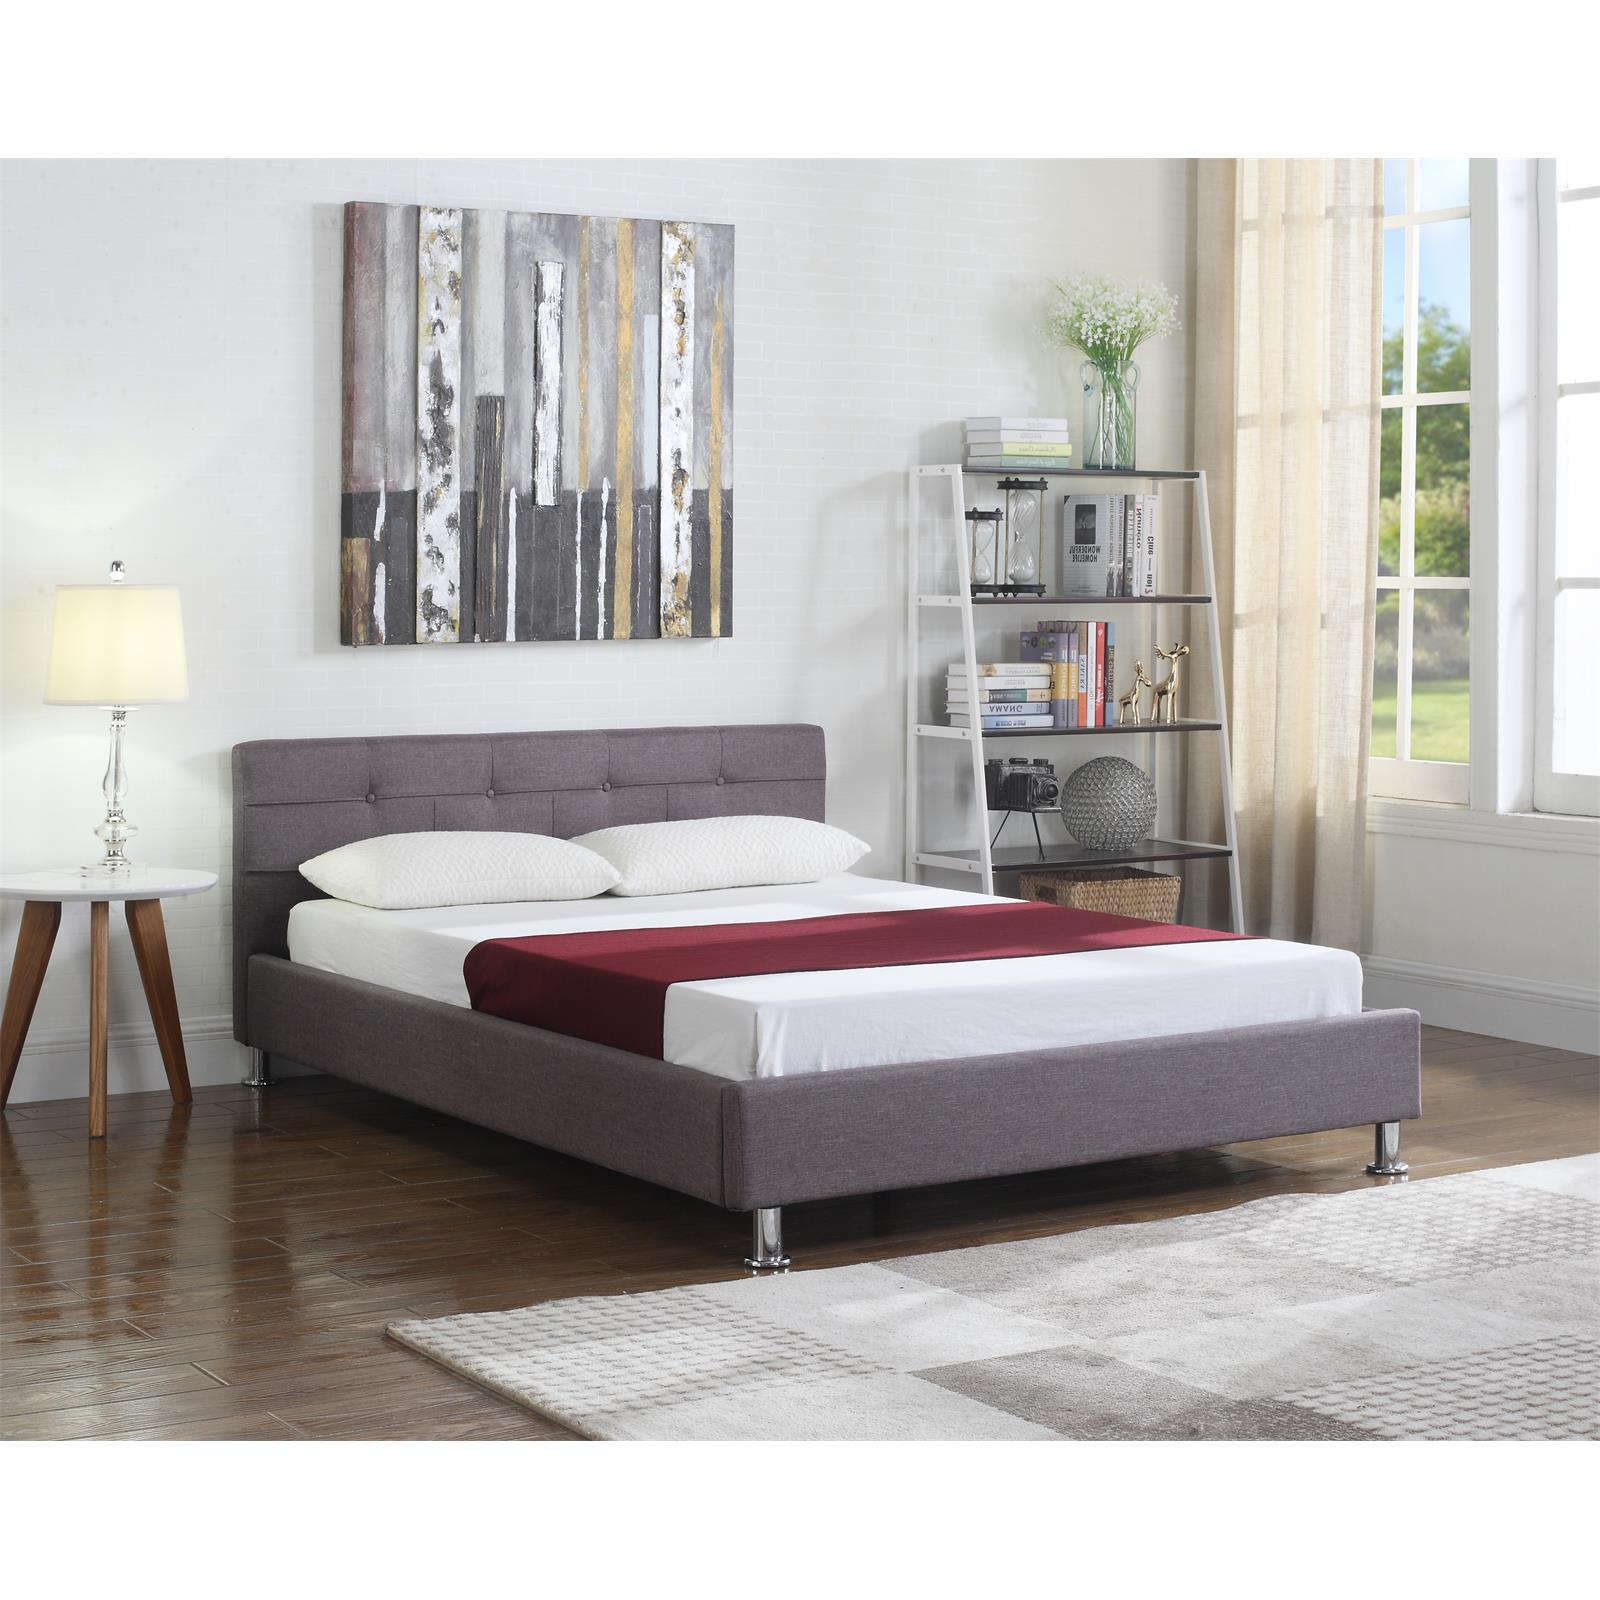 doppelbett 140x200 cm inkl lattenrost polsterbett bettgestell bettrahmen ehe ebay. Black Bedroom Furniture Sets. Home Design Ideas